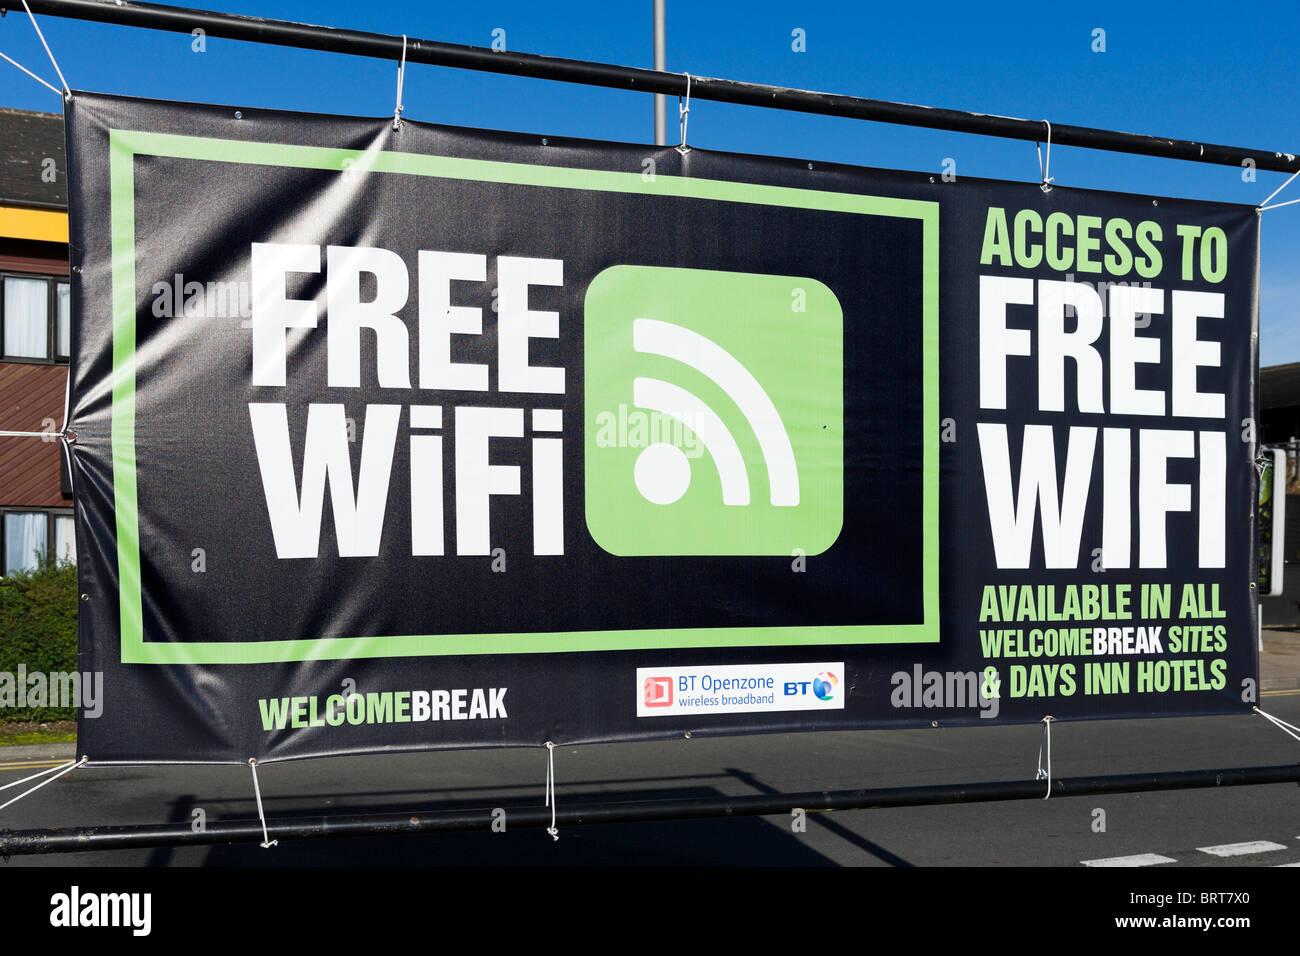 Connexion Wi-Fi gratuite signe en pause bienvenue Station d'Autoroute, Hartshead, M62, West Yorkshire, England, UK Banque D'Images